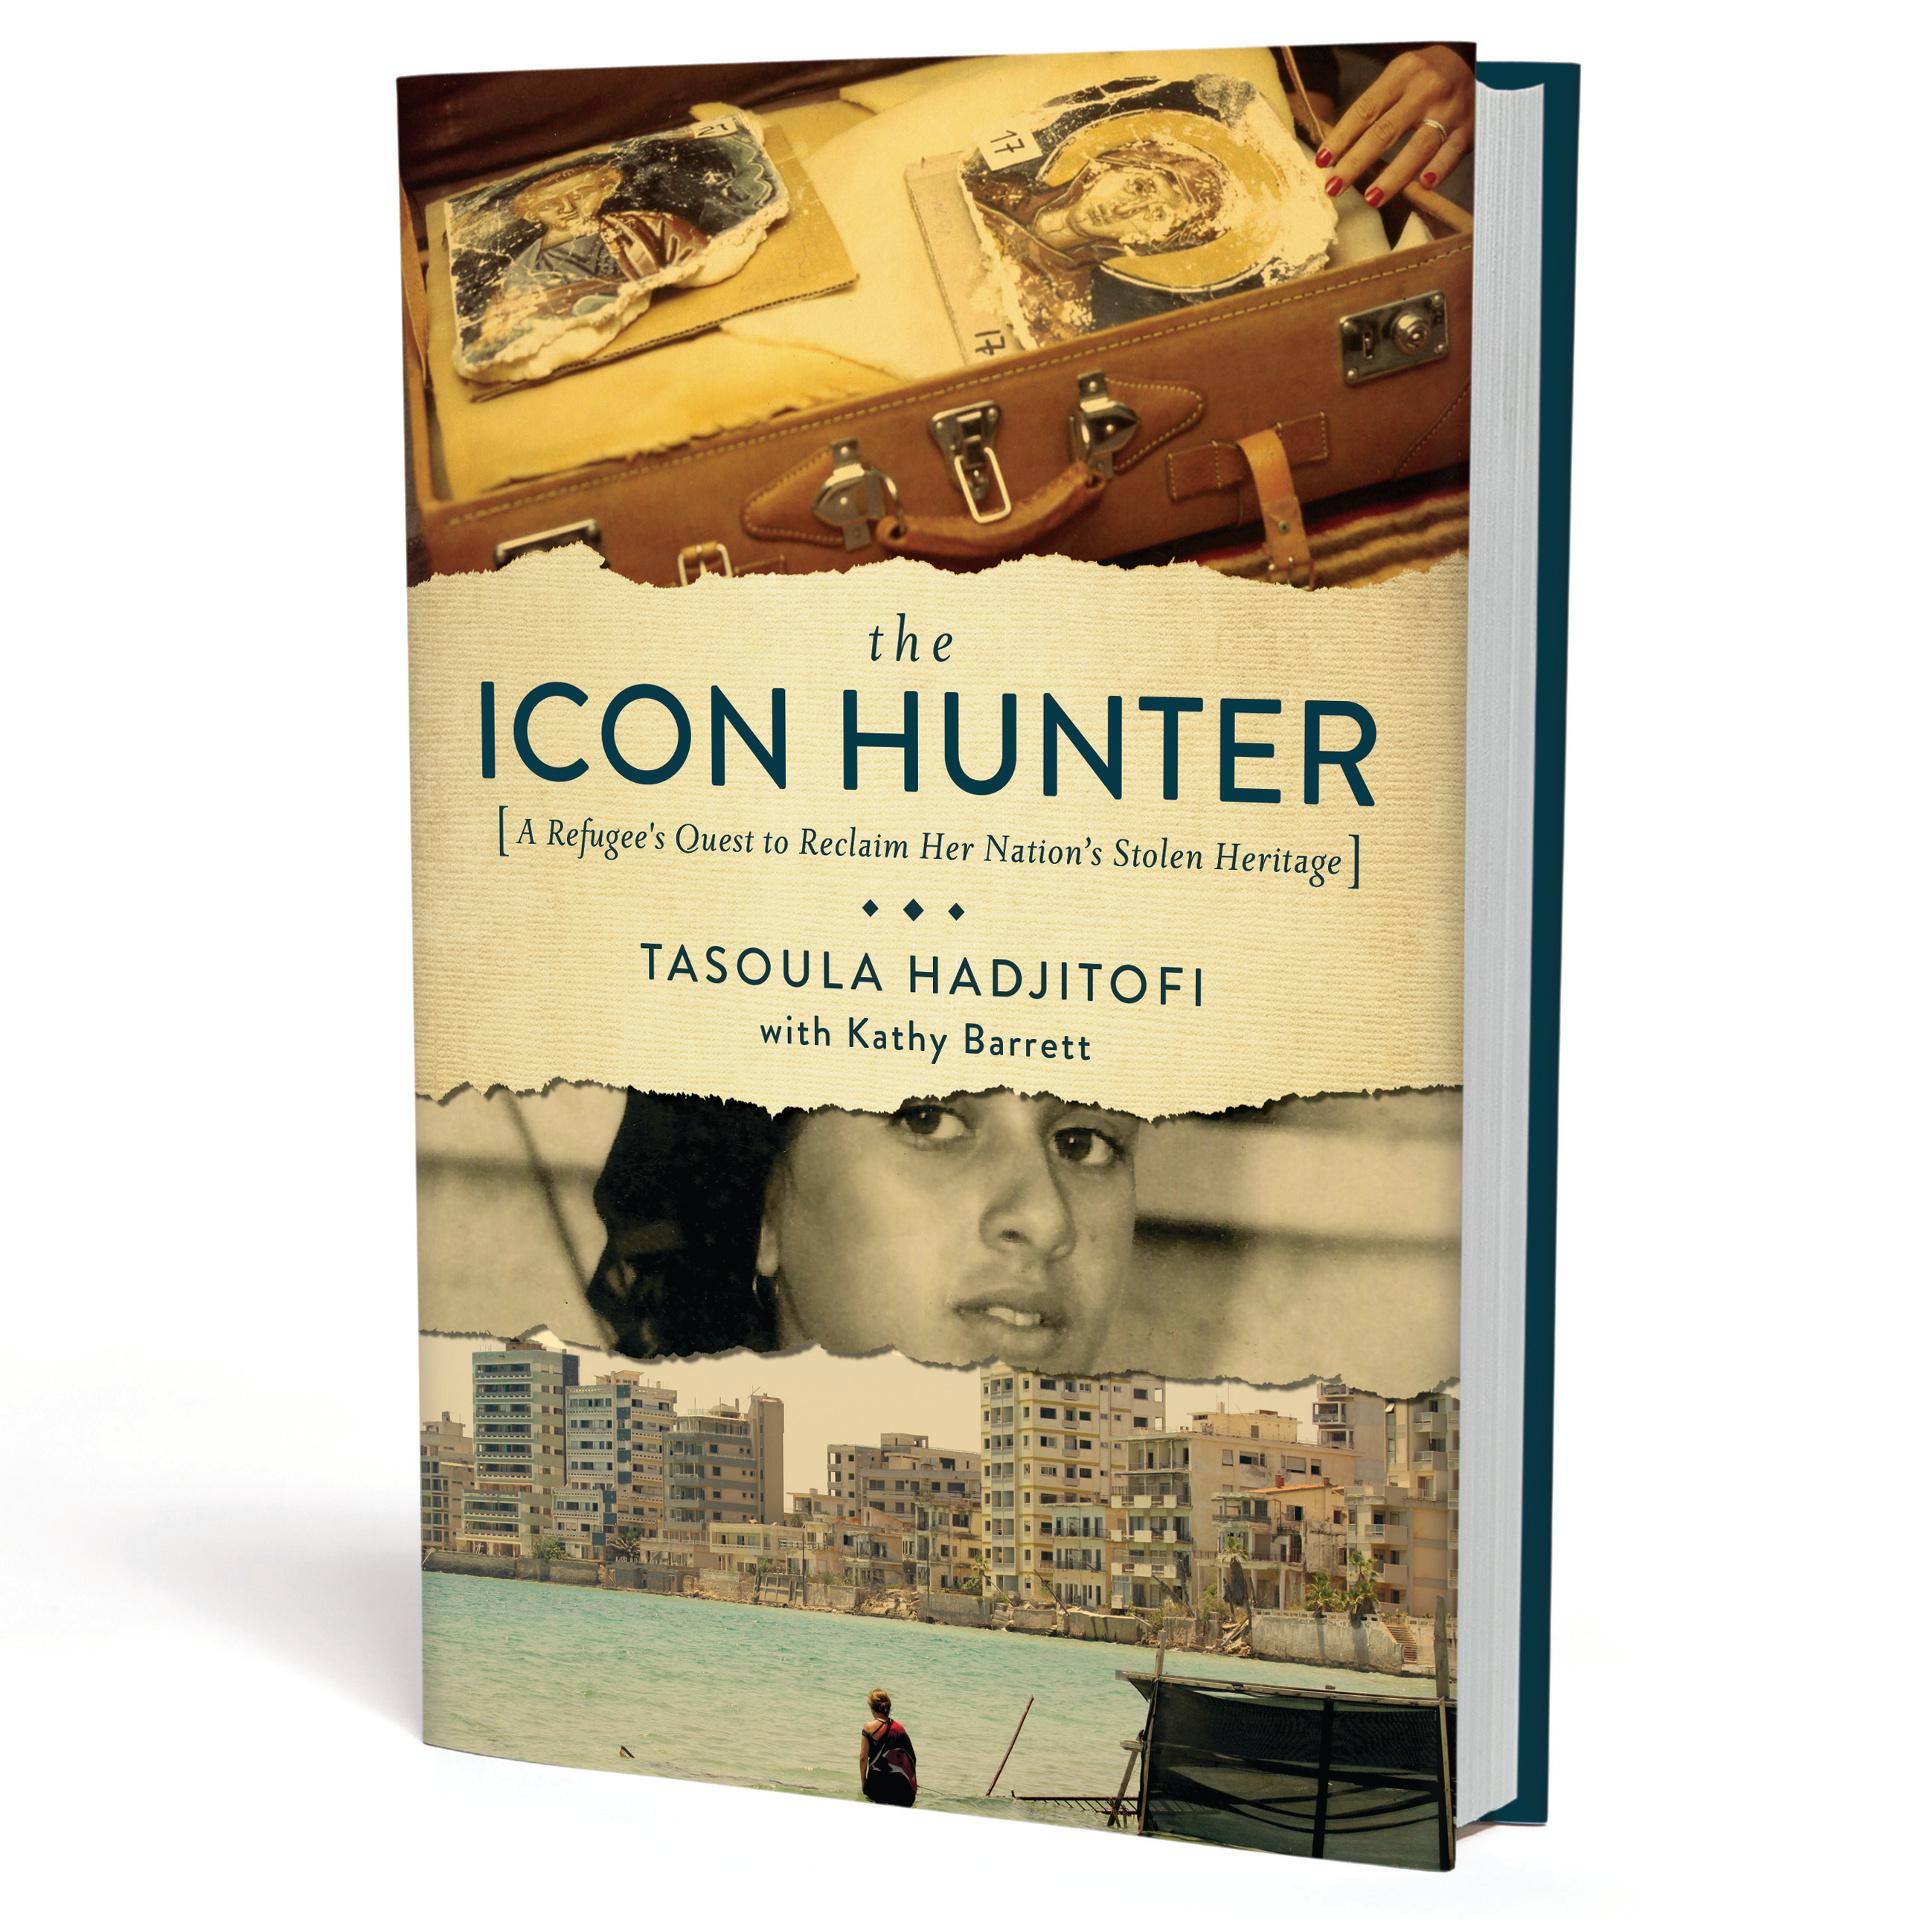 The Icon Hunter book cover